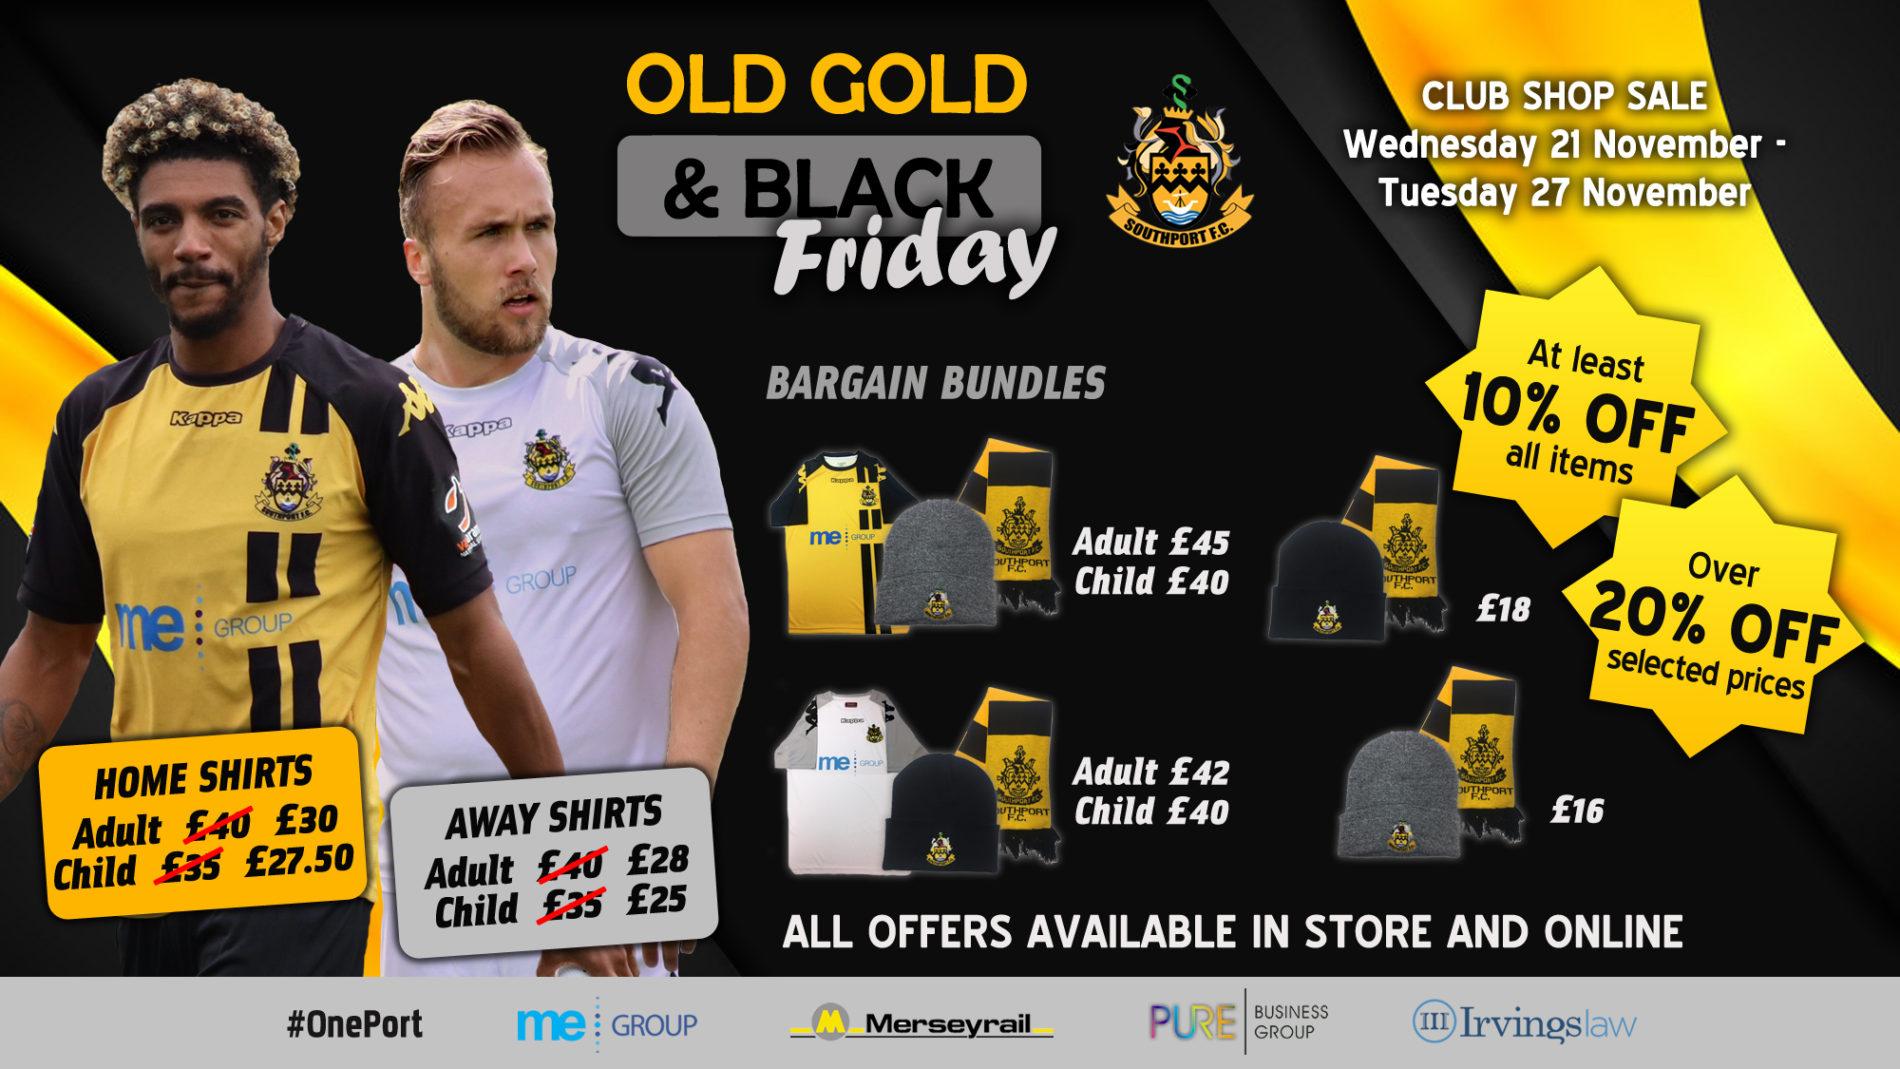 SALE | Old Gold & Black 'Friday'